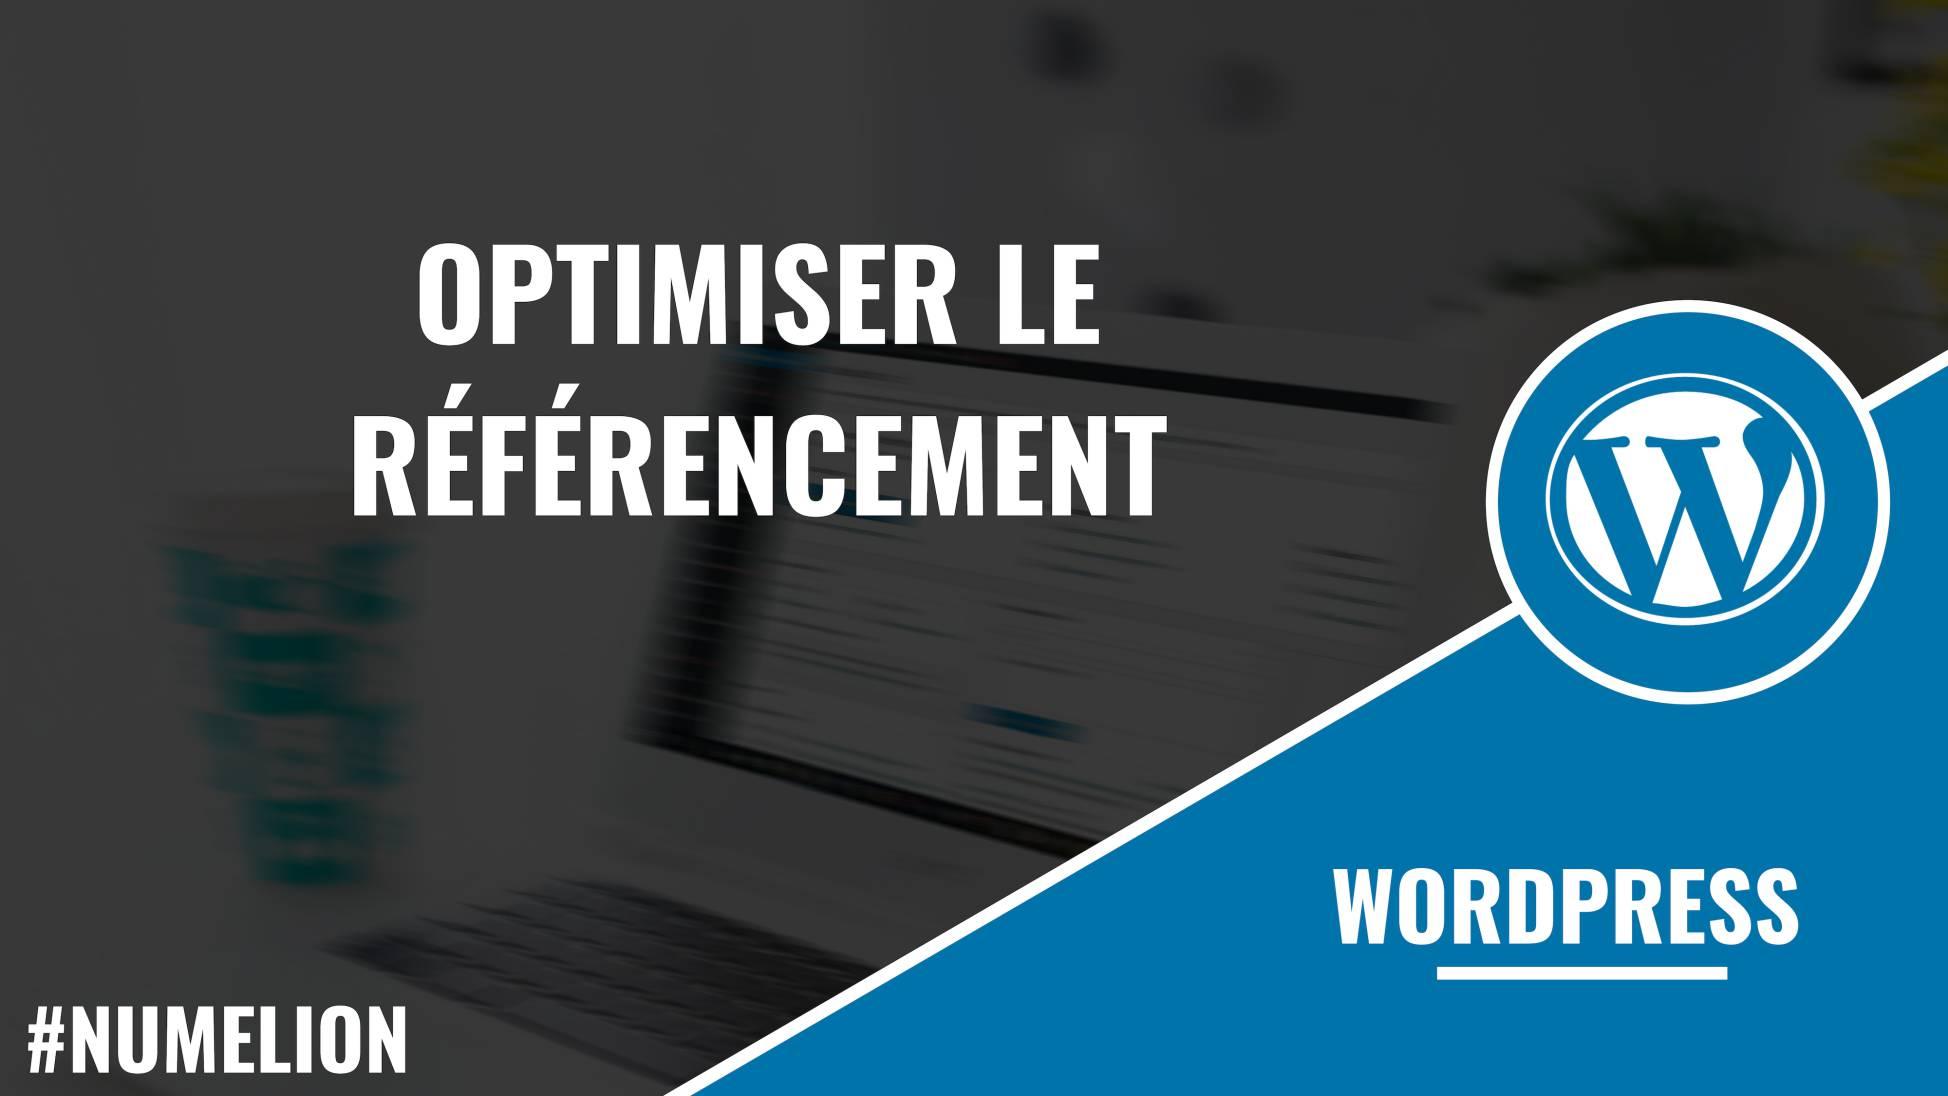 Optimiser le référencement WordPress